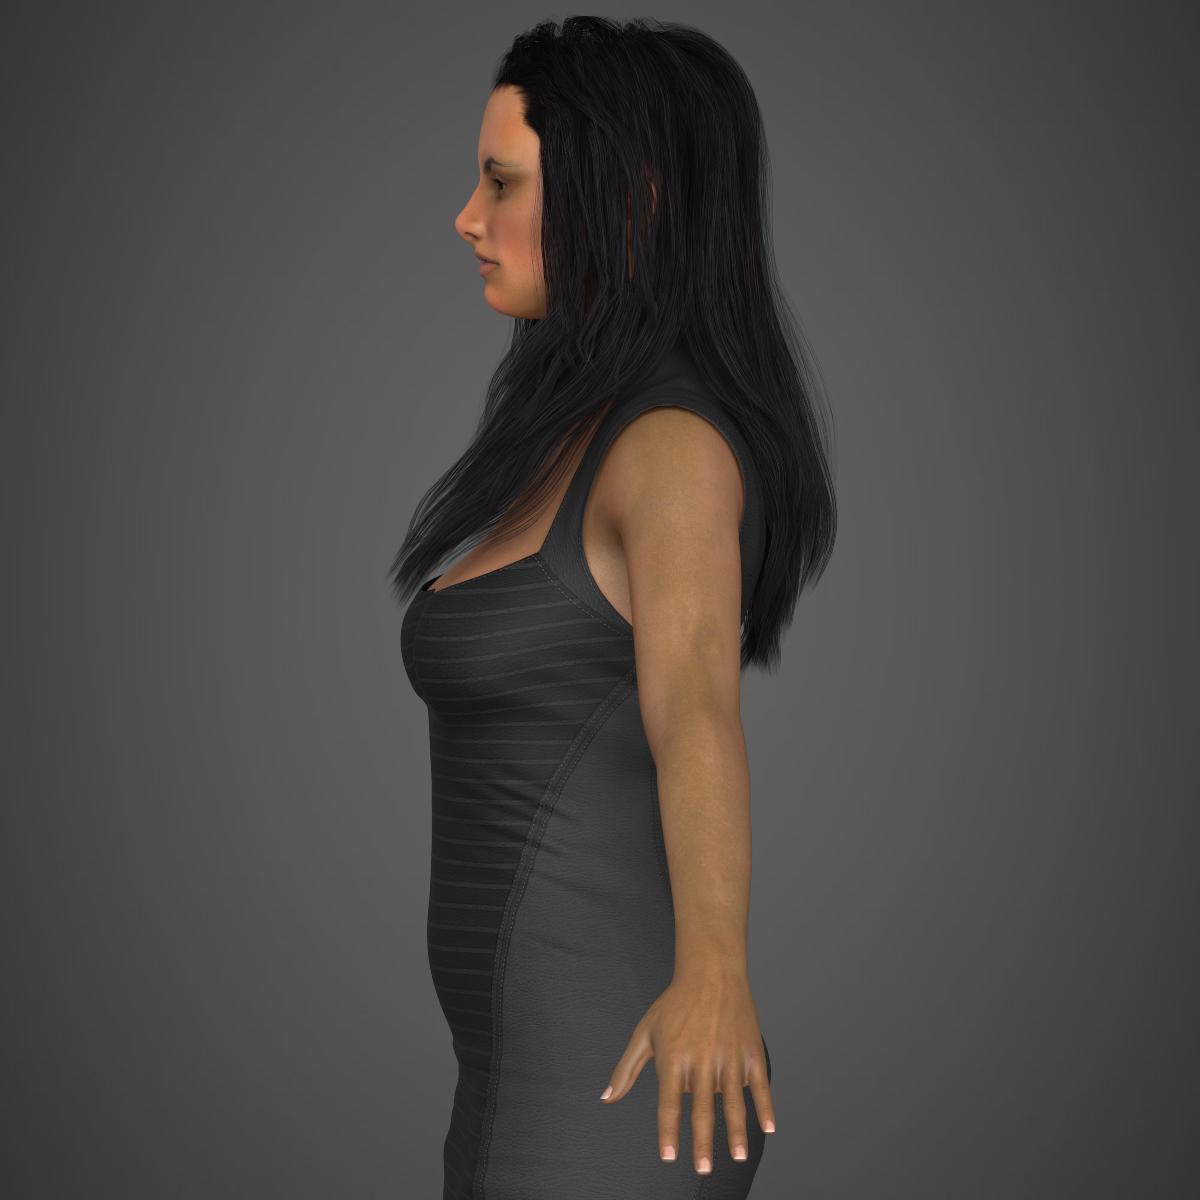 young sexy woman 3d model max fbx c4d ma mb texture obj 221214